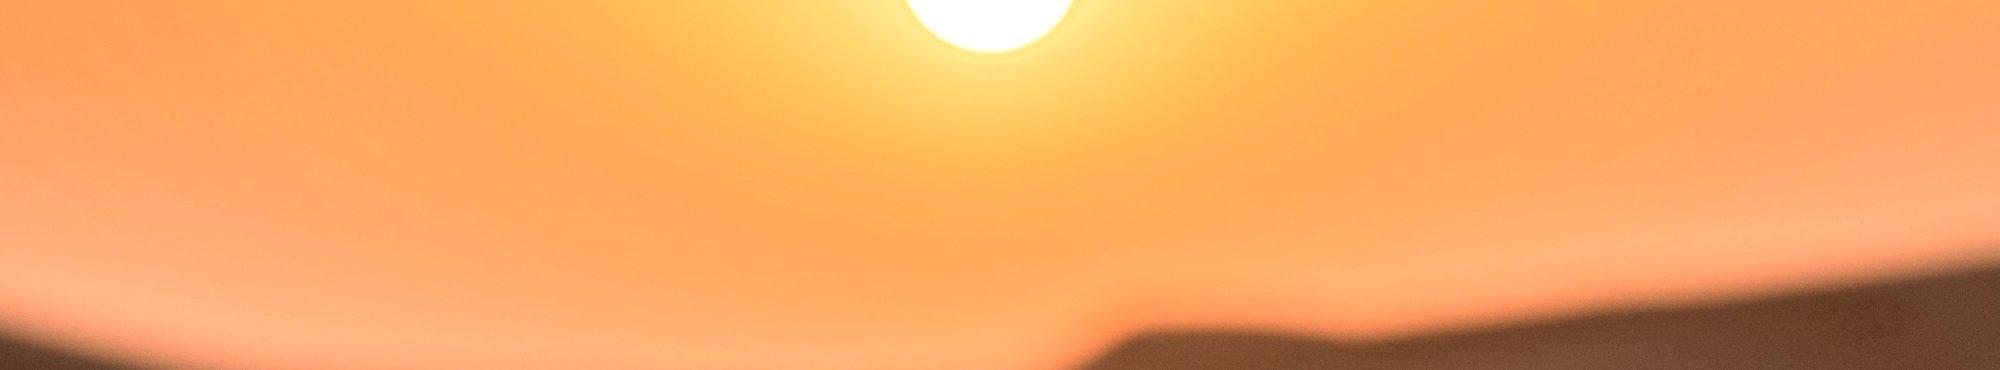 occhiali sole intro